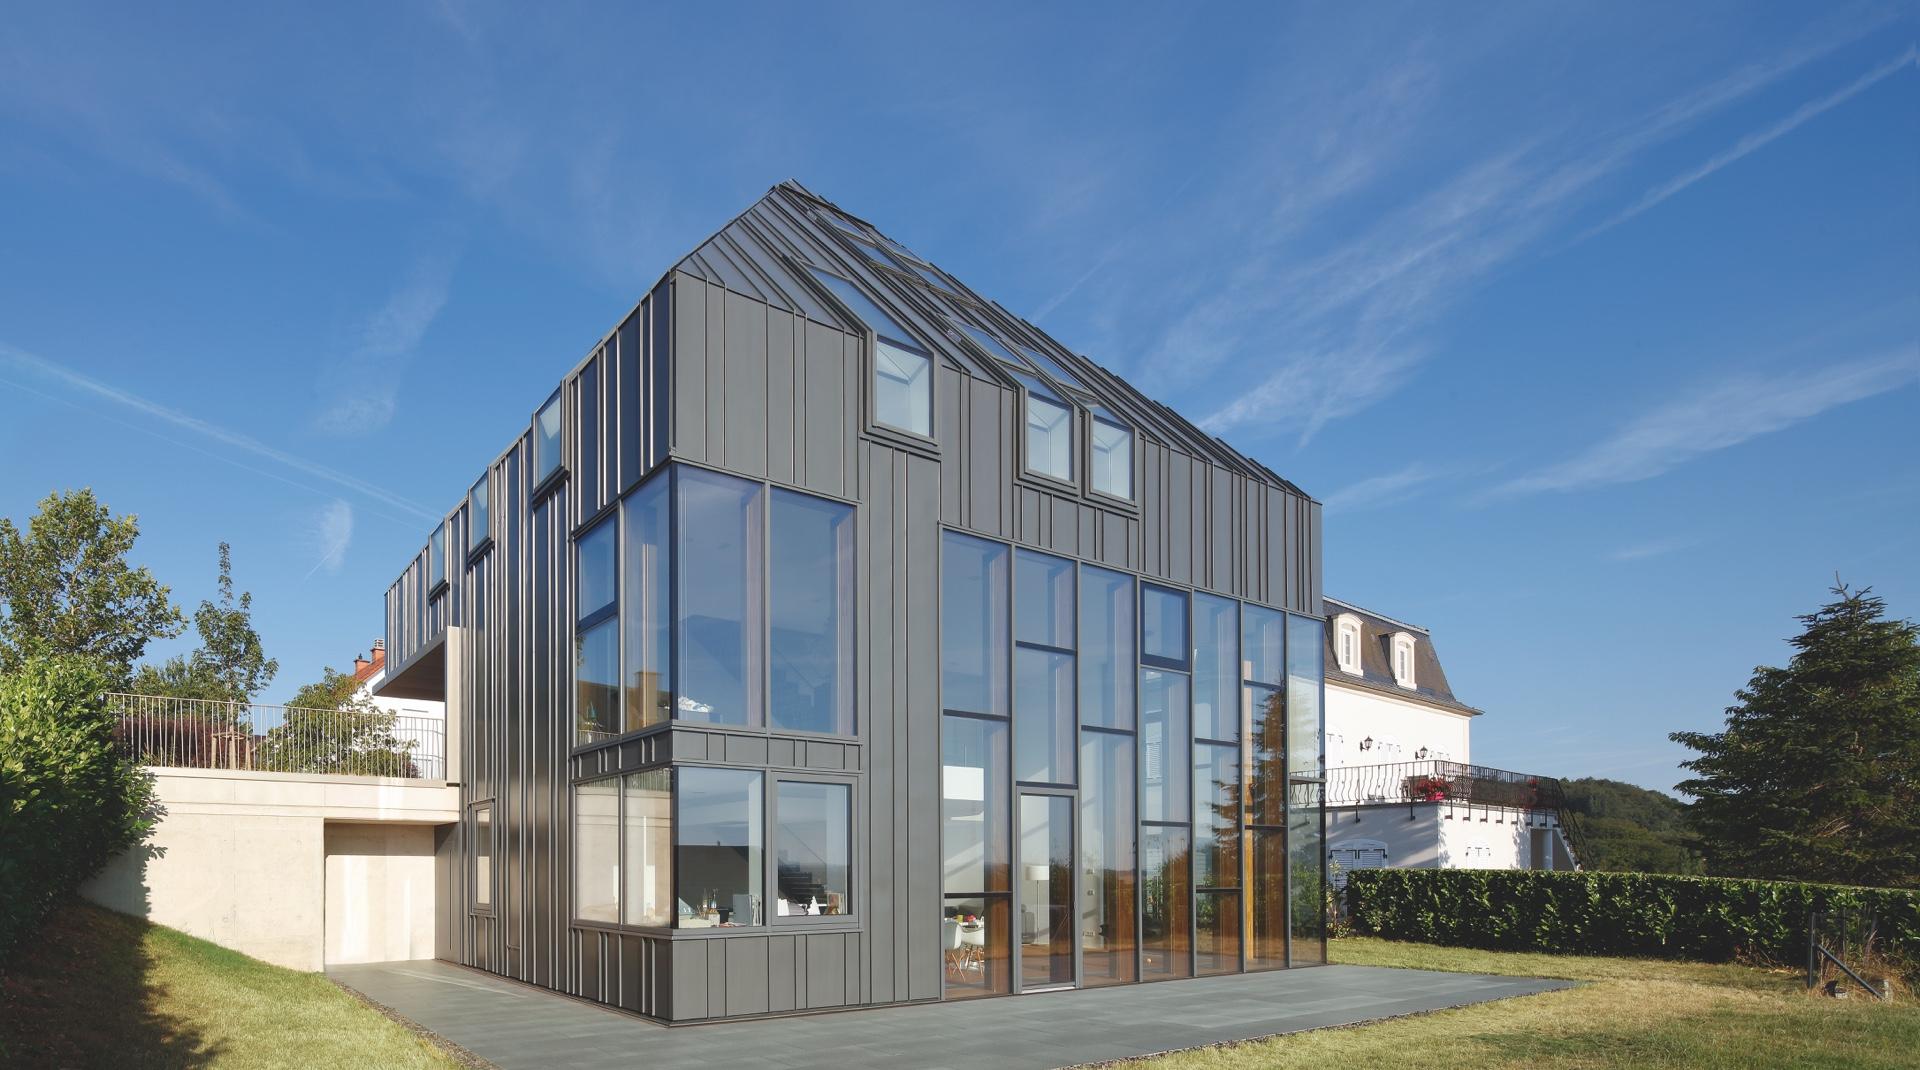 Titanzink-Haus in Gonderange: die Ansicht von der Hinterseite, eine Fassade aus Glas und dunklem Metall